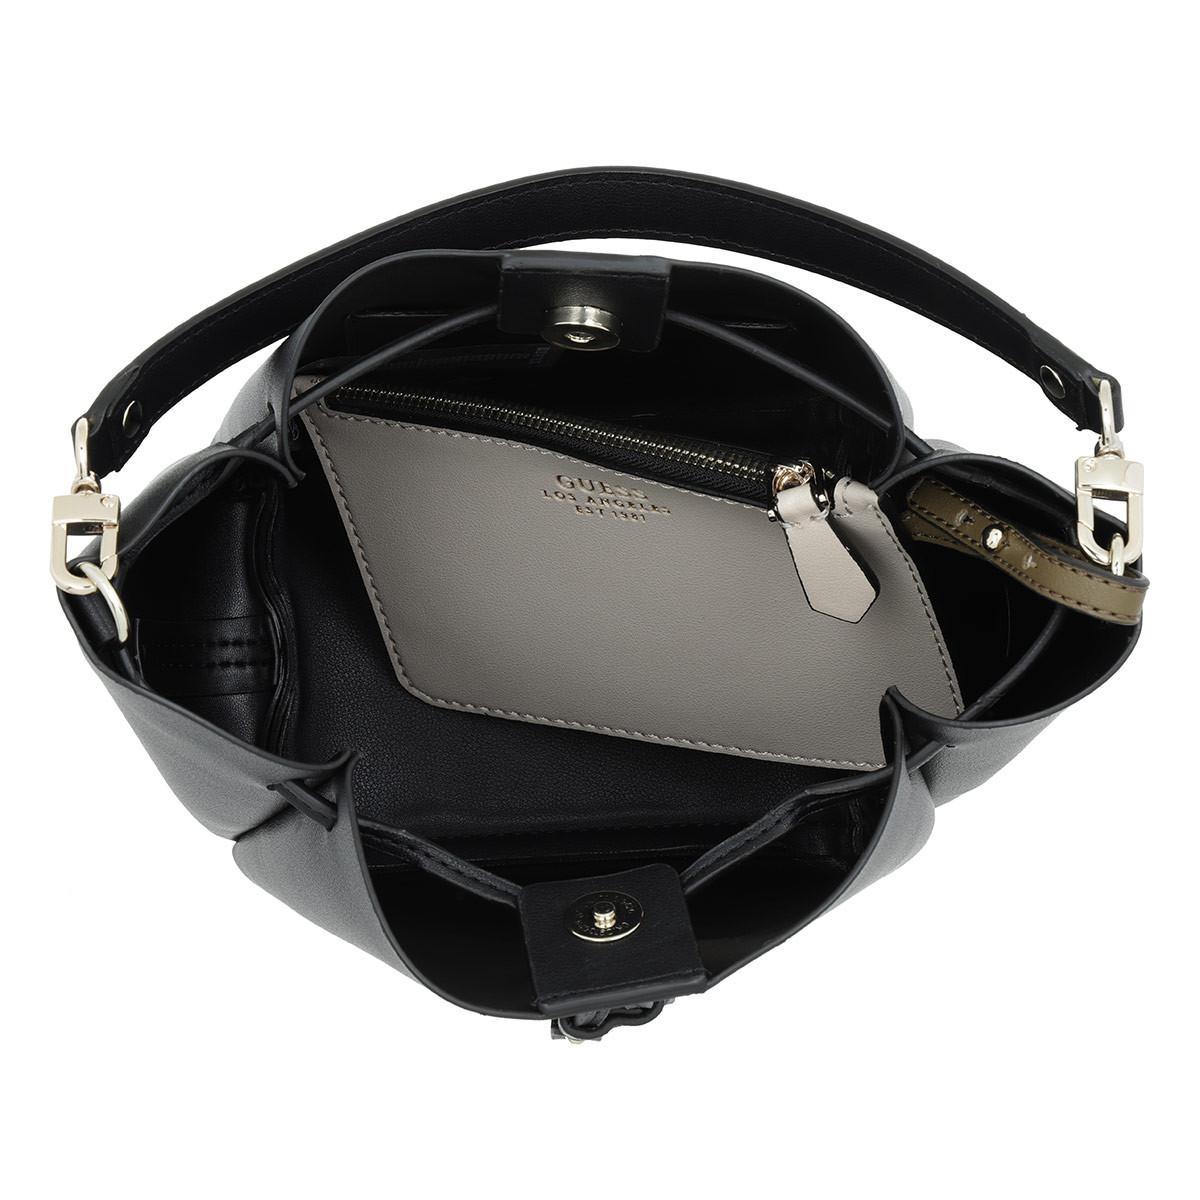 8877b4143 Guess Ella Mini Bucket Bag Black in Black - Lyst